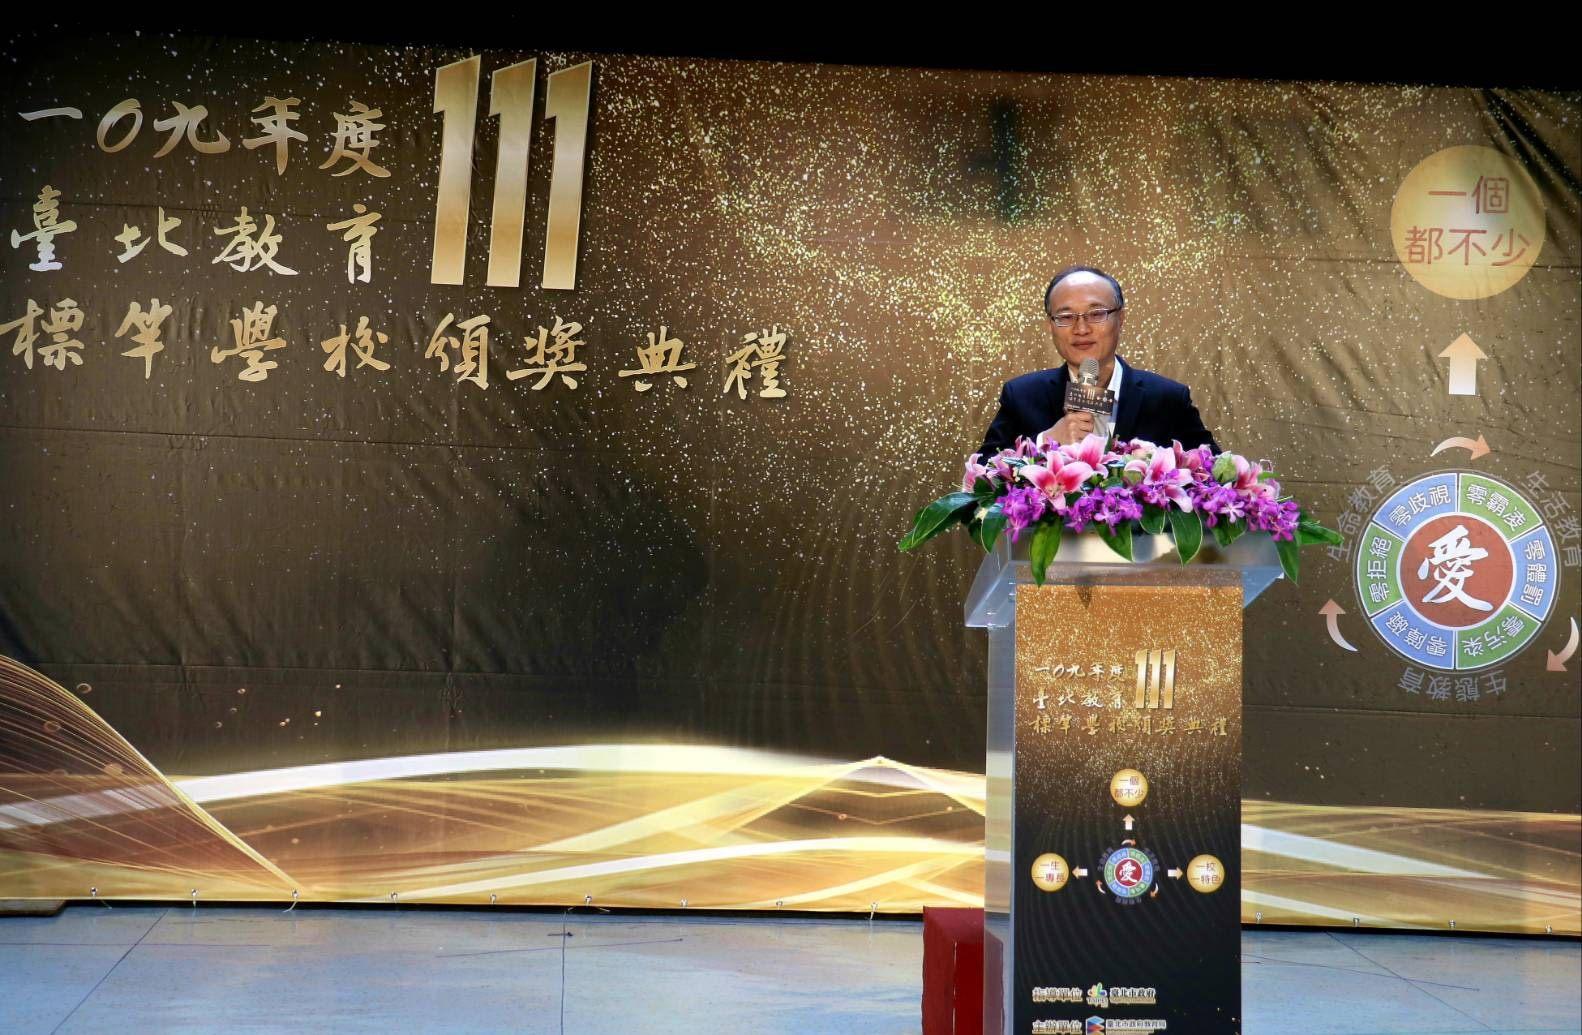 109年度臺北教育 111 標竿學校頒獎典禮